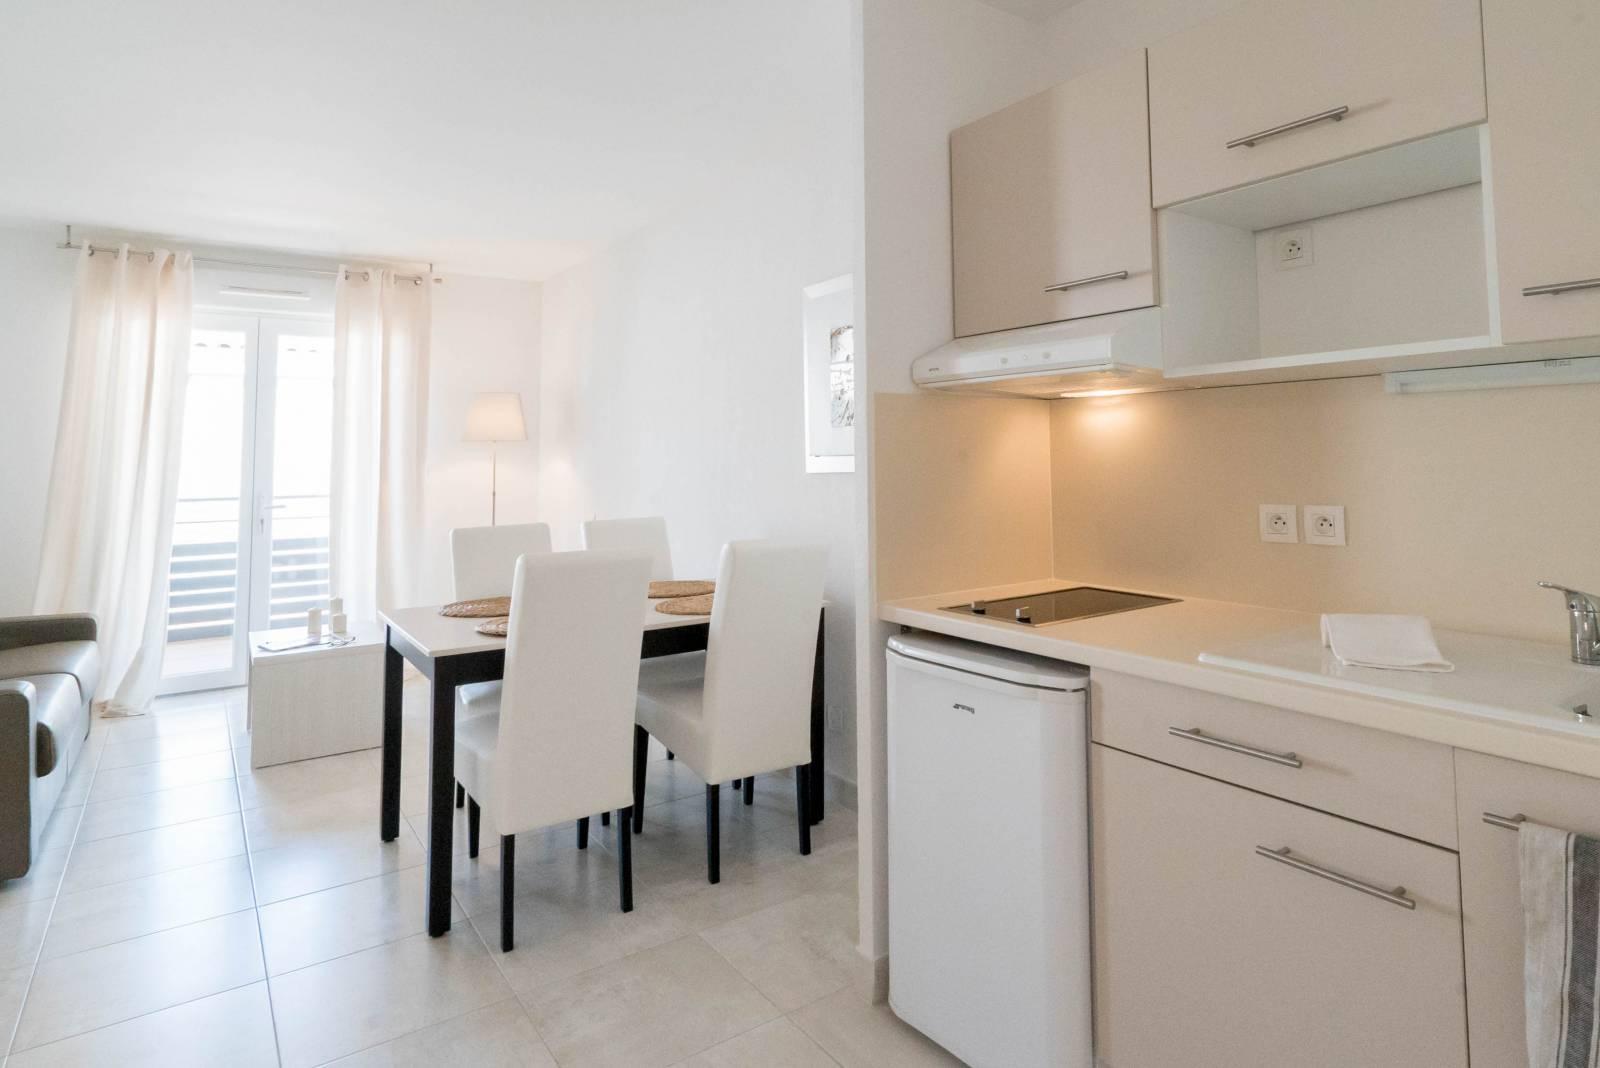 quels sont les prix pour la location d 39 un appartement en r sidence seniors montpellier. Black Bedroom Furniture Sets. Home Design Ideas